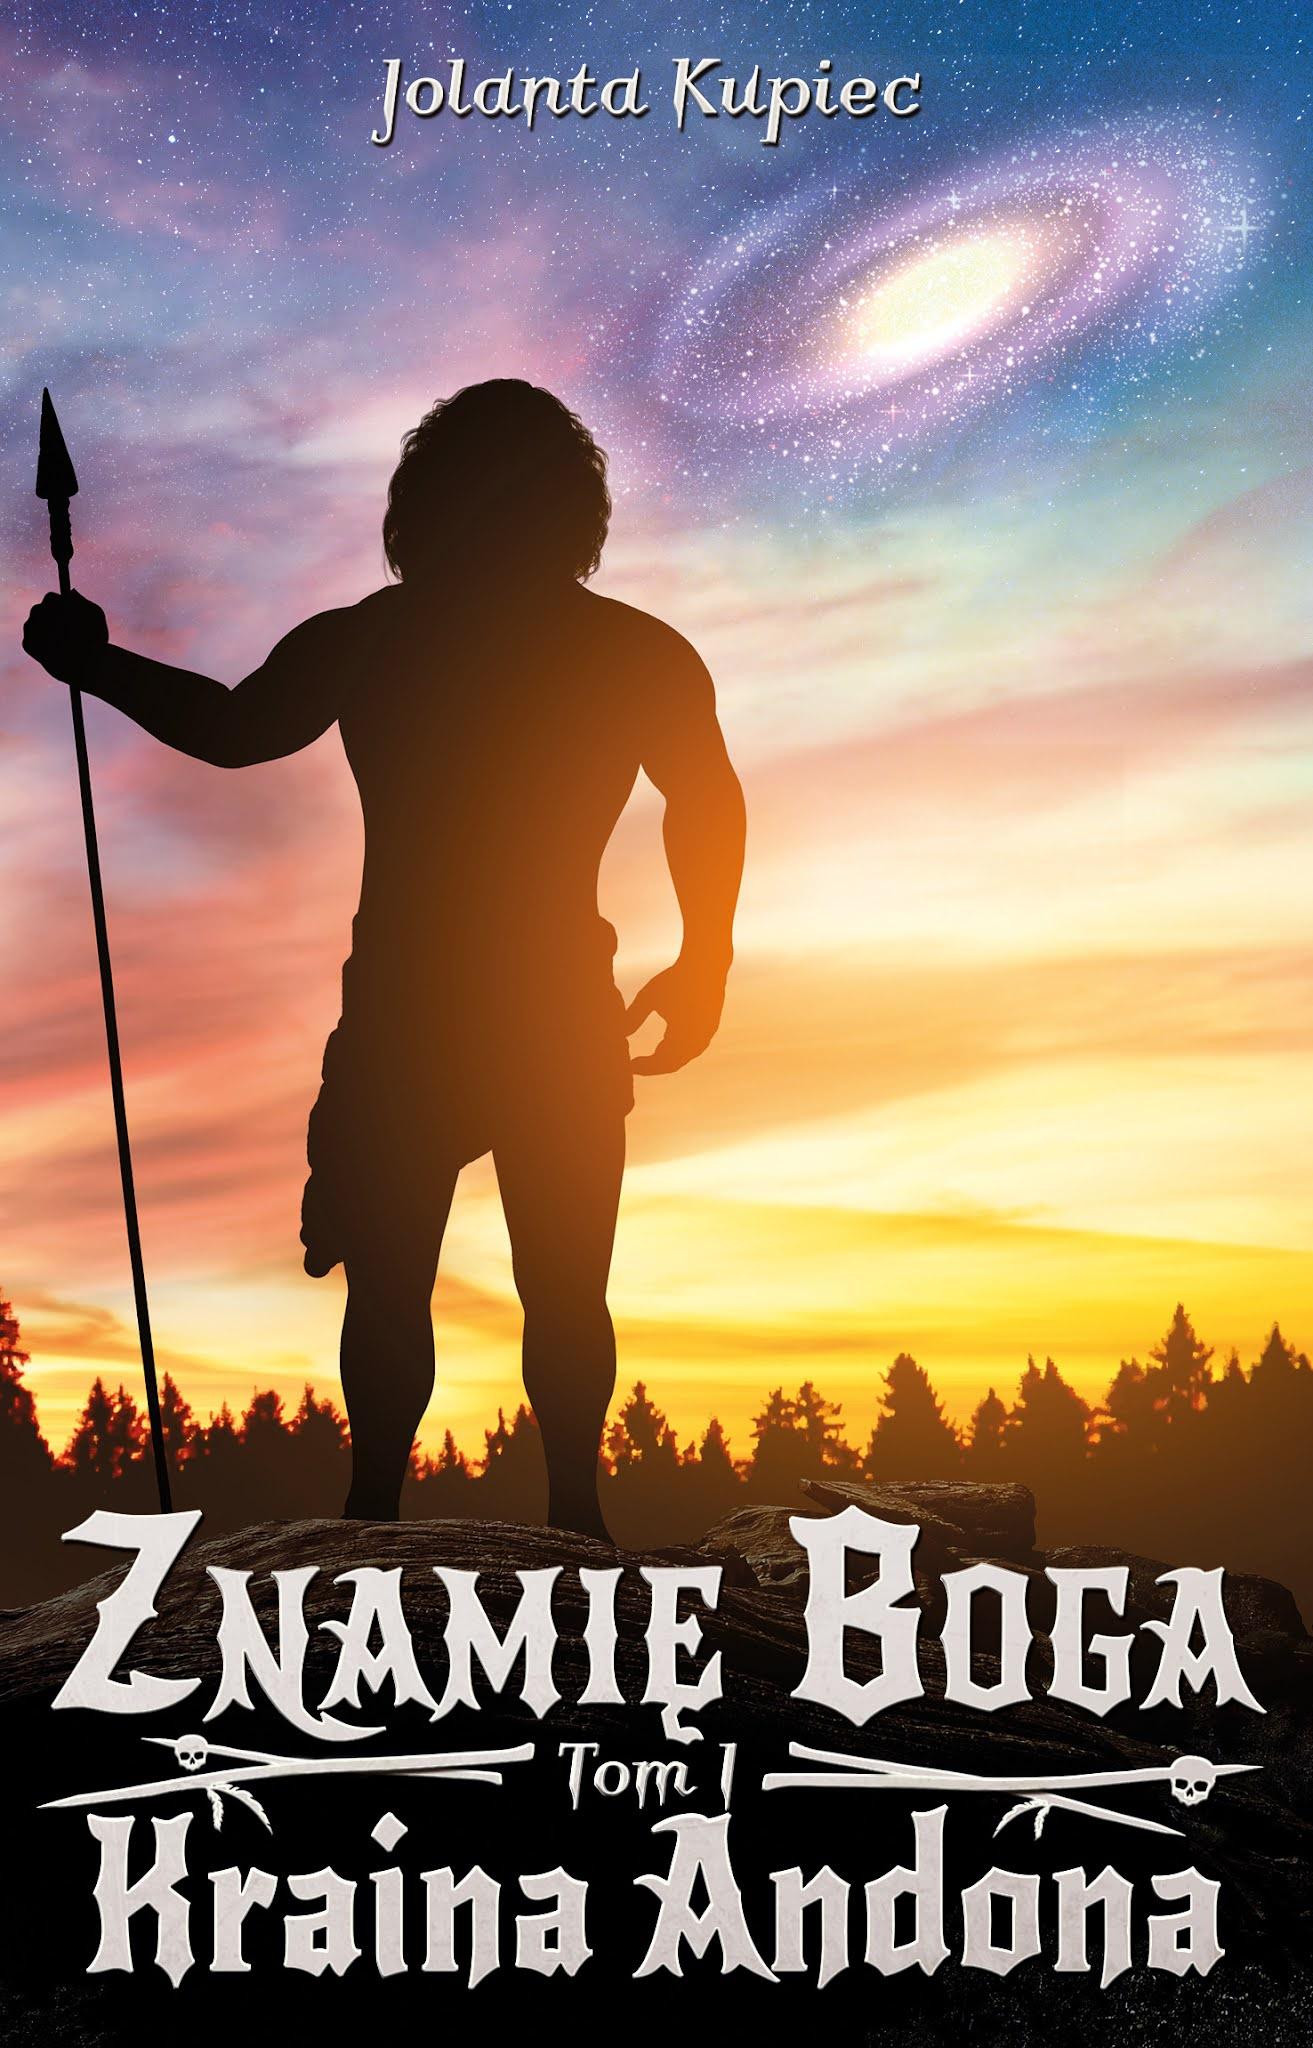 Znamię Boga. Tom 1 - Kraina Andona - Jolanta Kupiec książka okładka przód